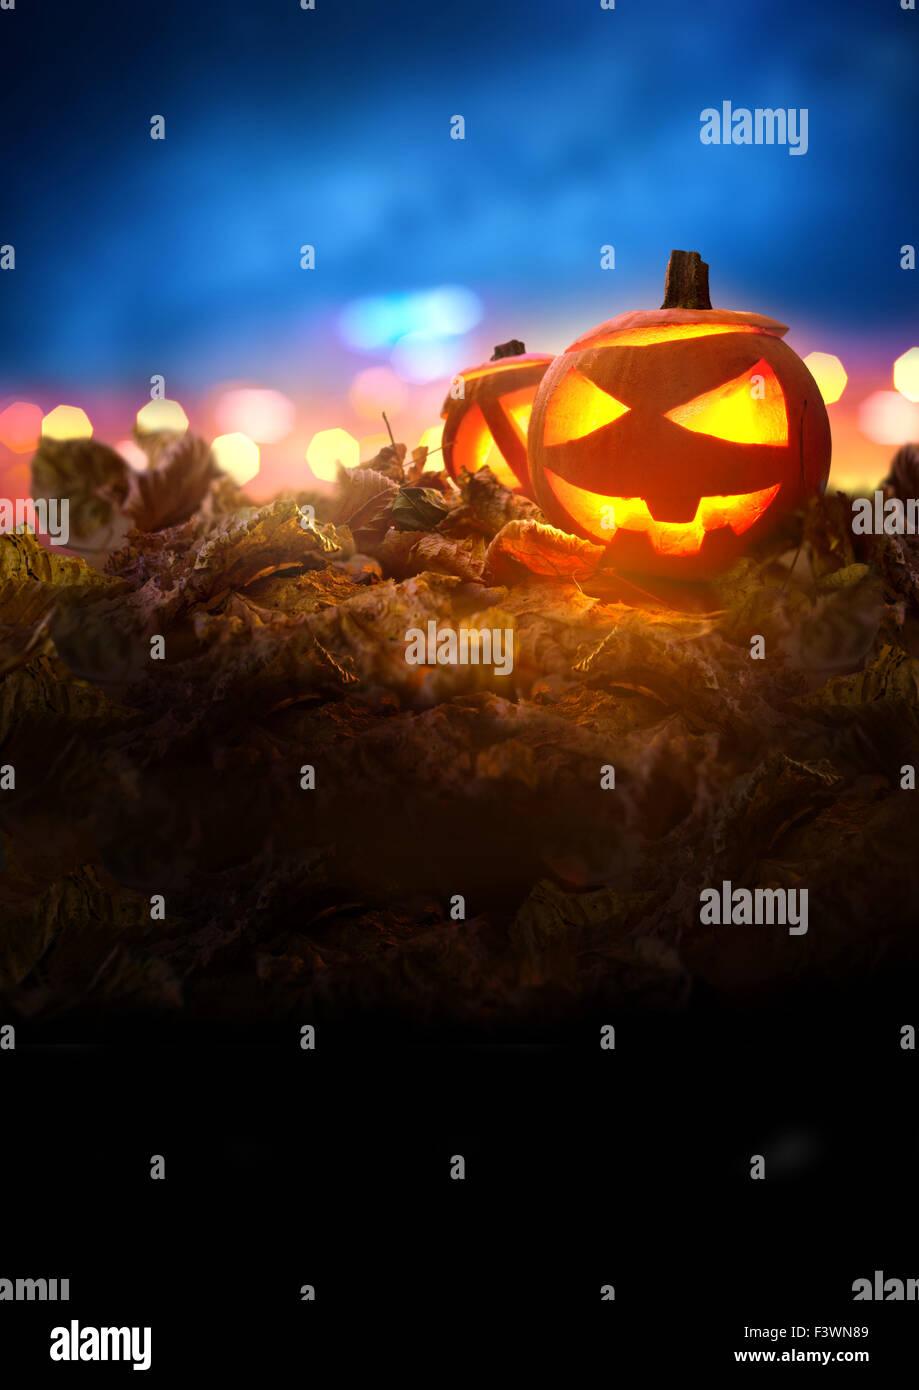 Halloween-Nacht. Eine Jack O Lantern Kürbis leuchtende Orange am Halloween-Abend zwischen Herbst Blätter. Stockbild